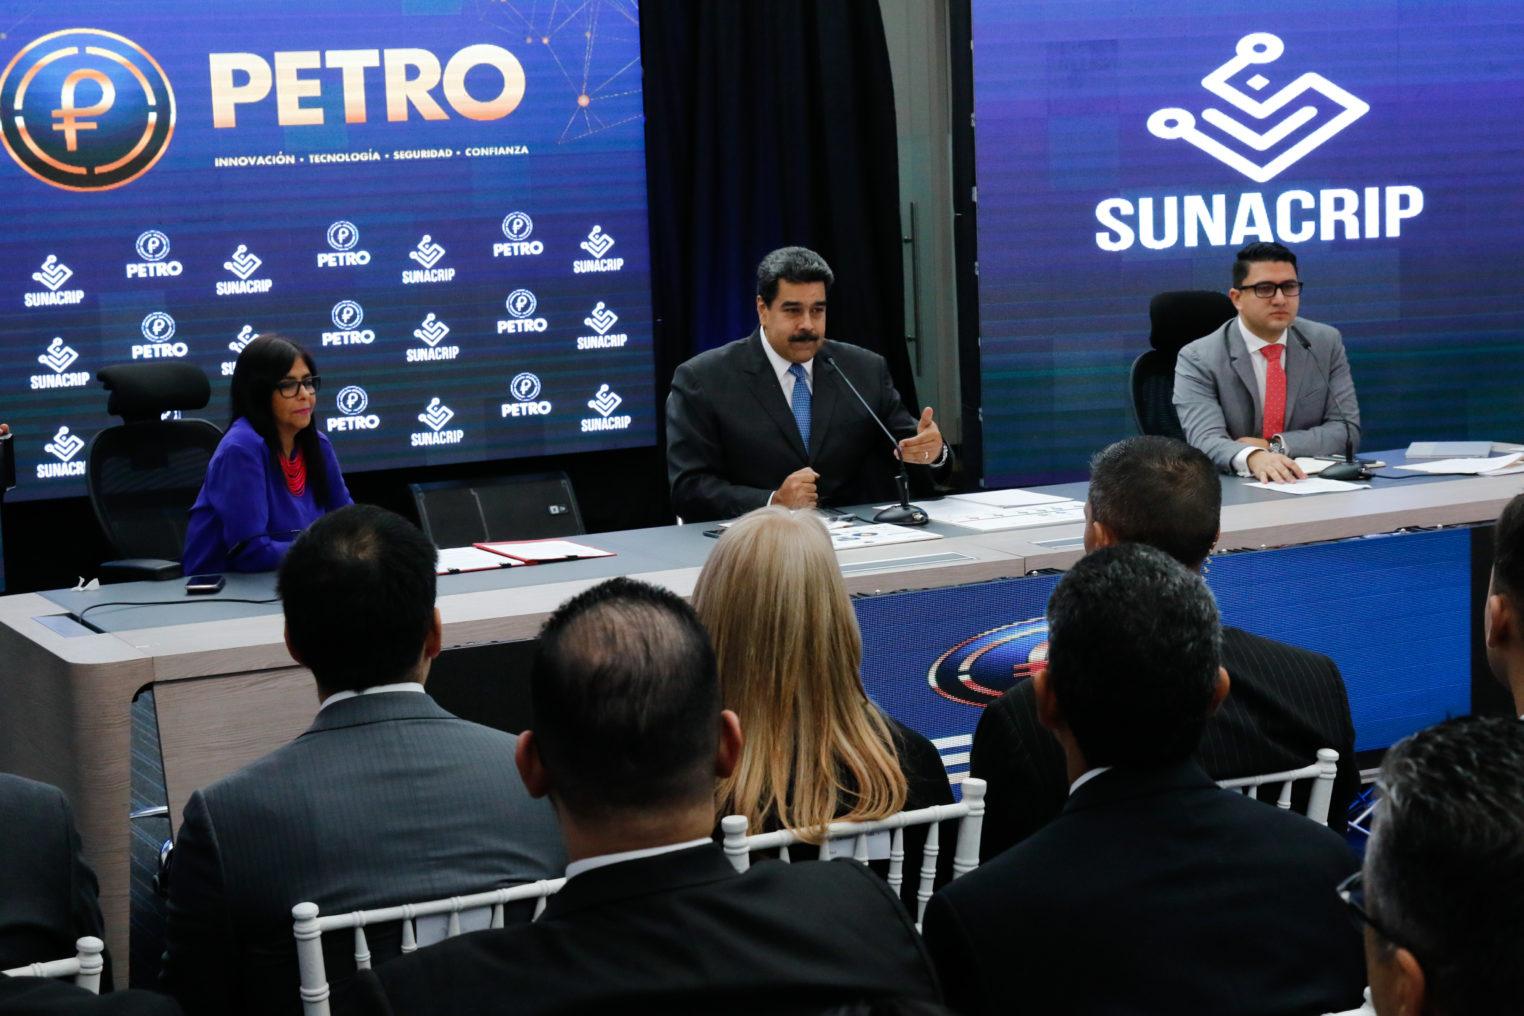 El Petro, nueva moneda comercial de Venezuela